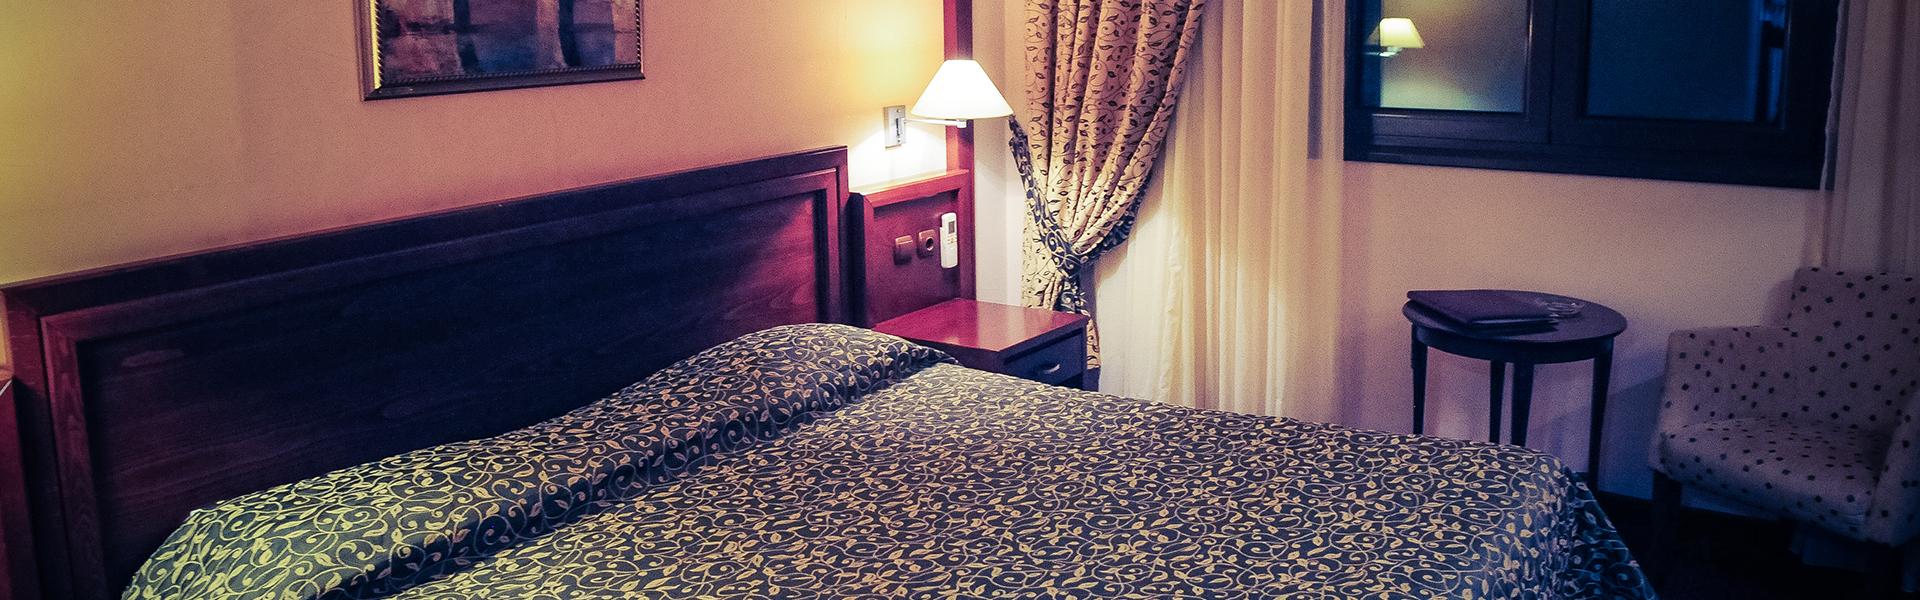 rooms_economy